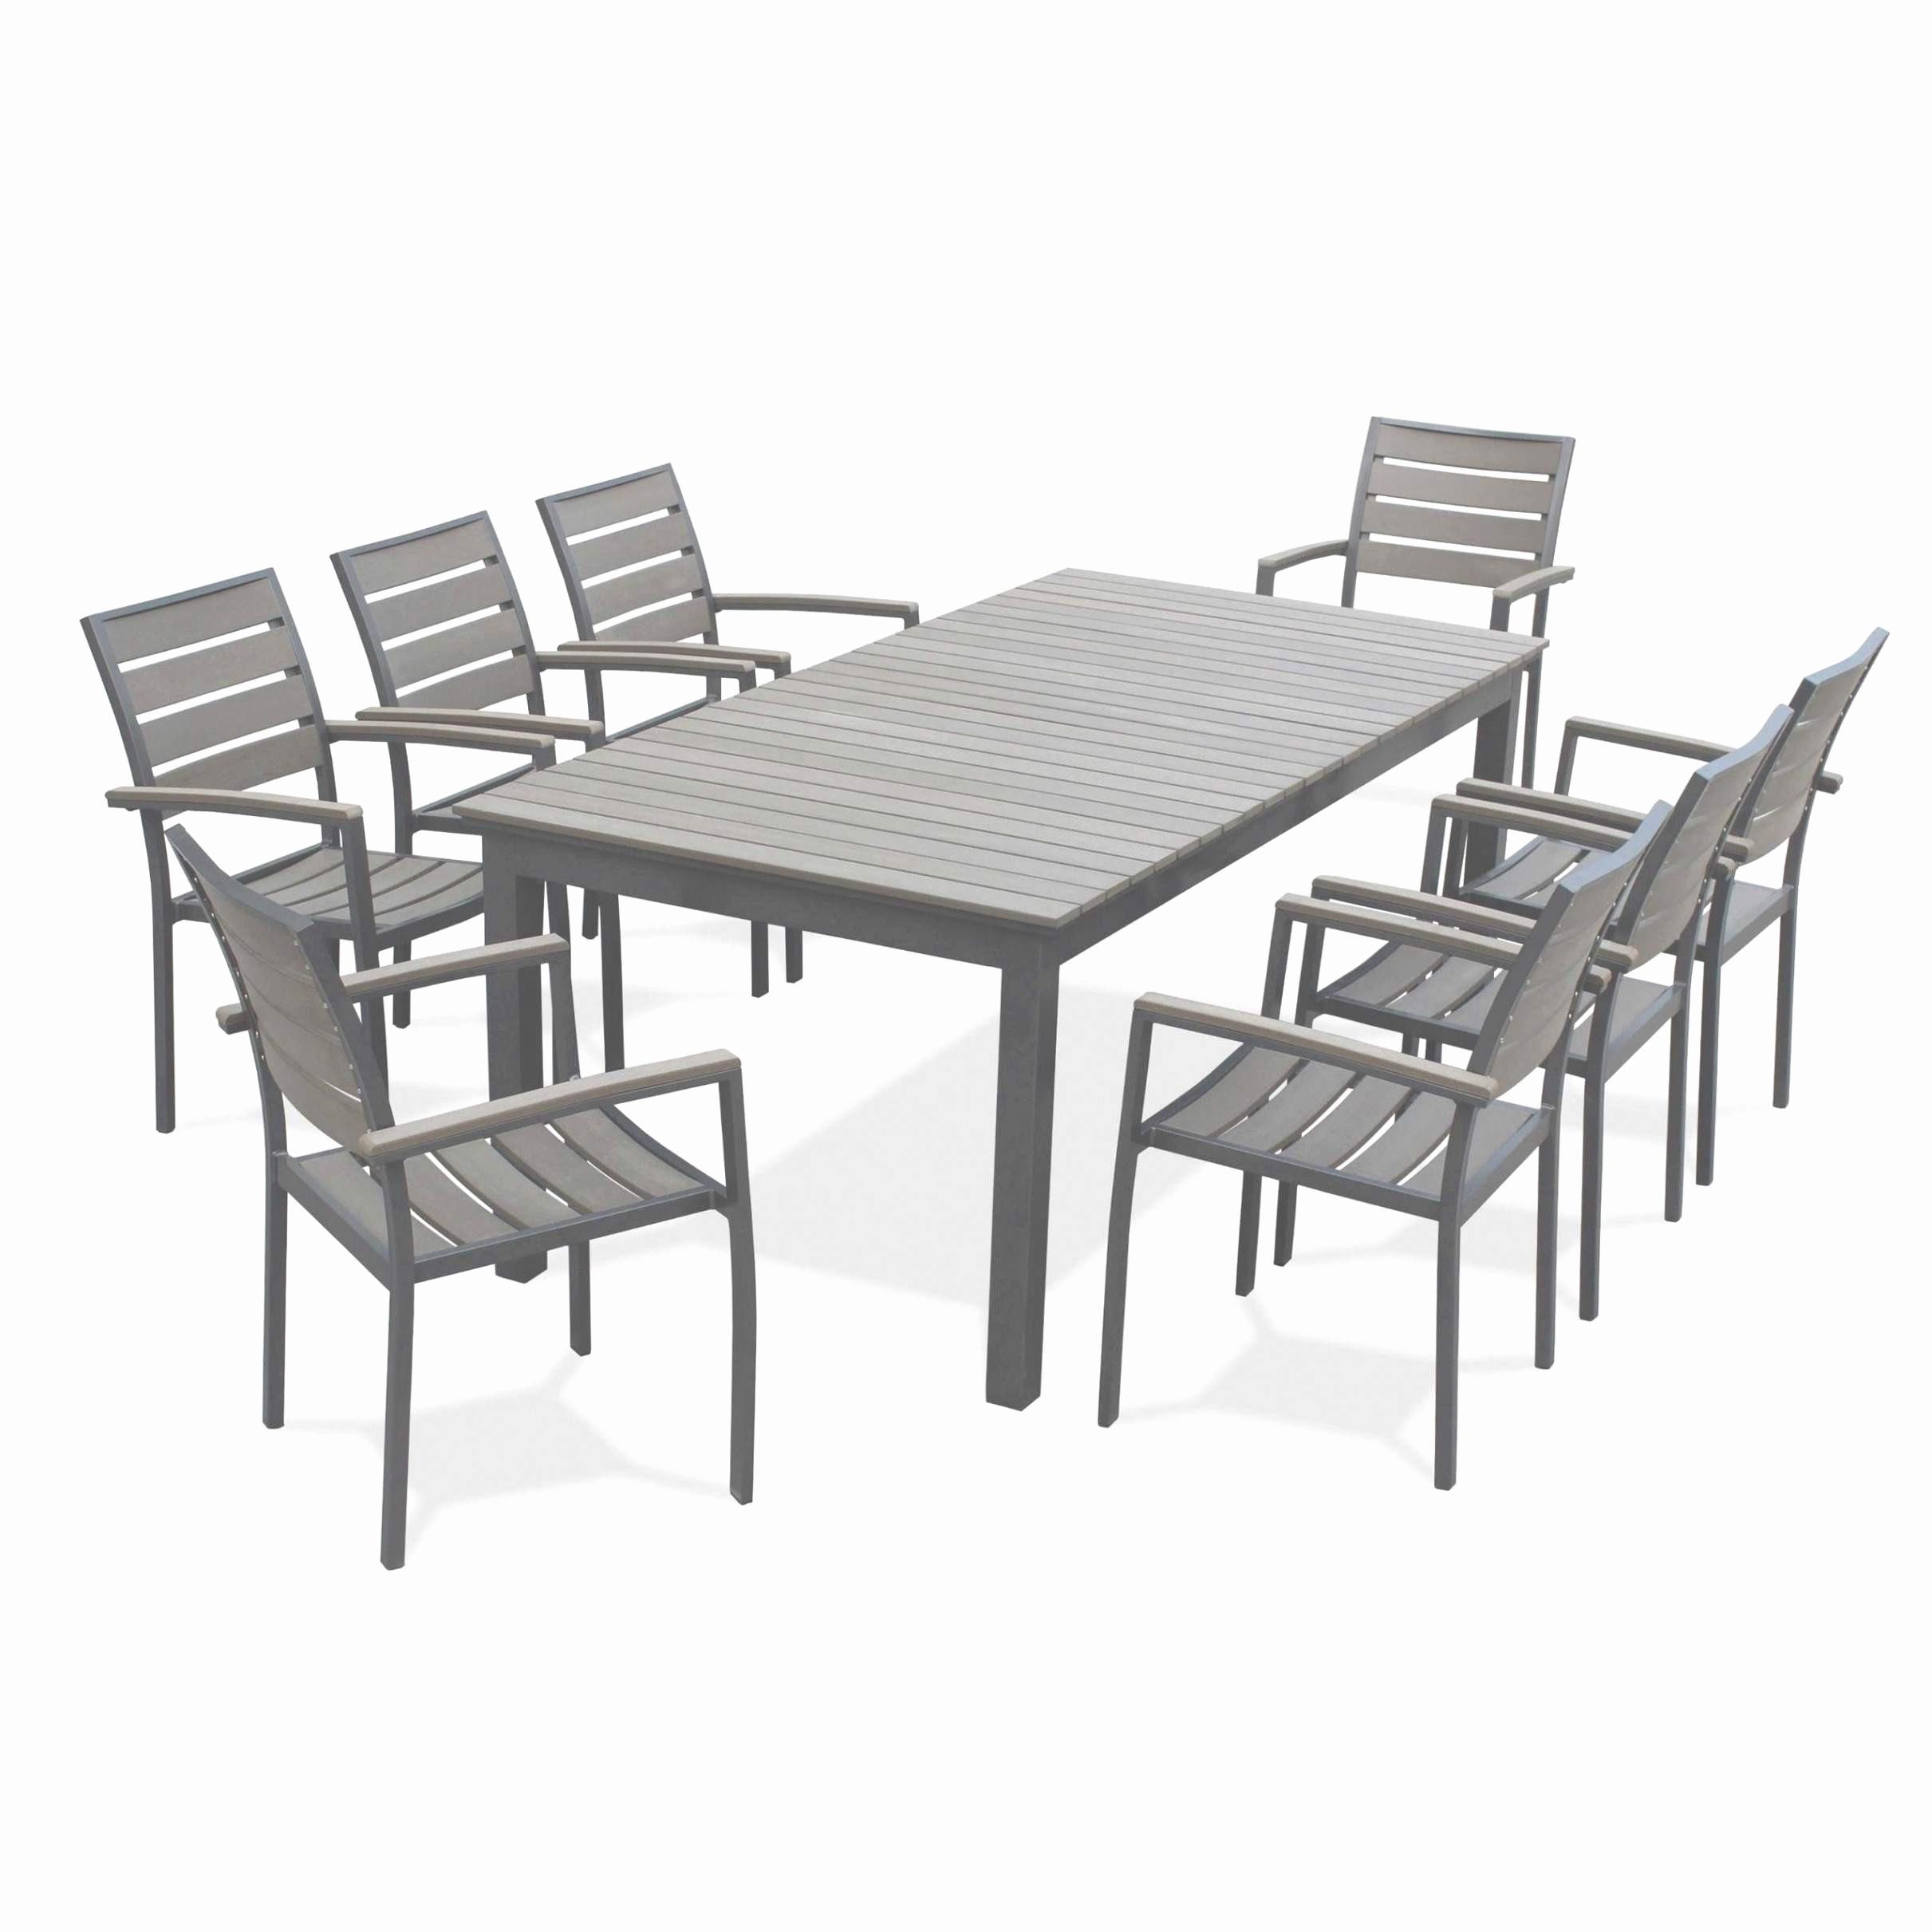 chaise et fauteuil beau fauteuil de jardin rond lesmeubles fauteuil jardin bois elegant of chaise et fauteuil